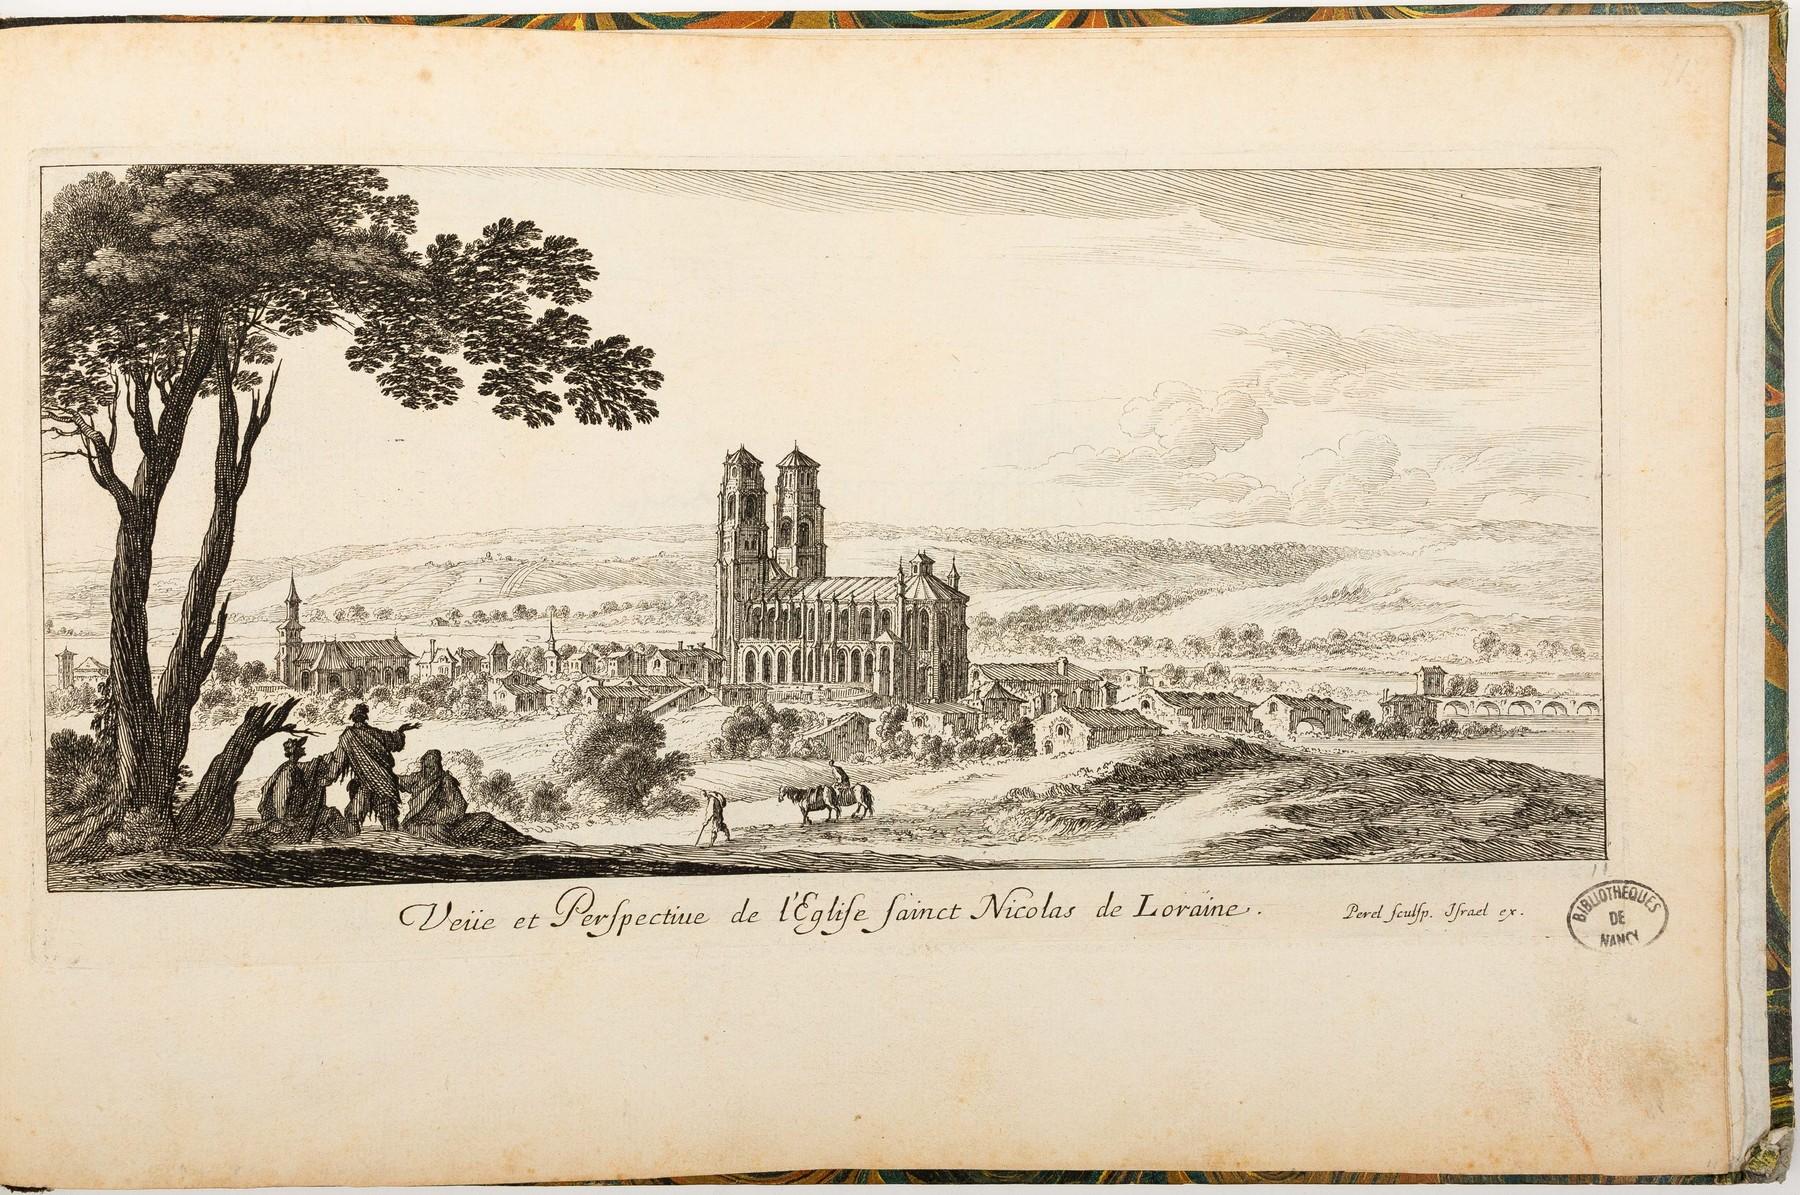 Contenu du Veüe et Perspective de l'Église Sainct Nicolas de Loraine